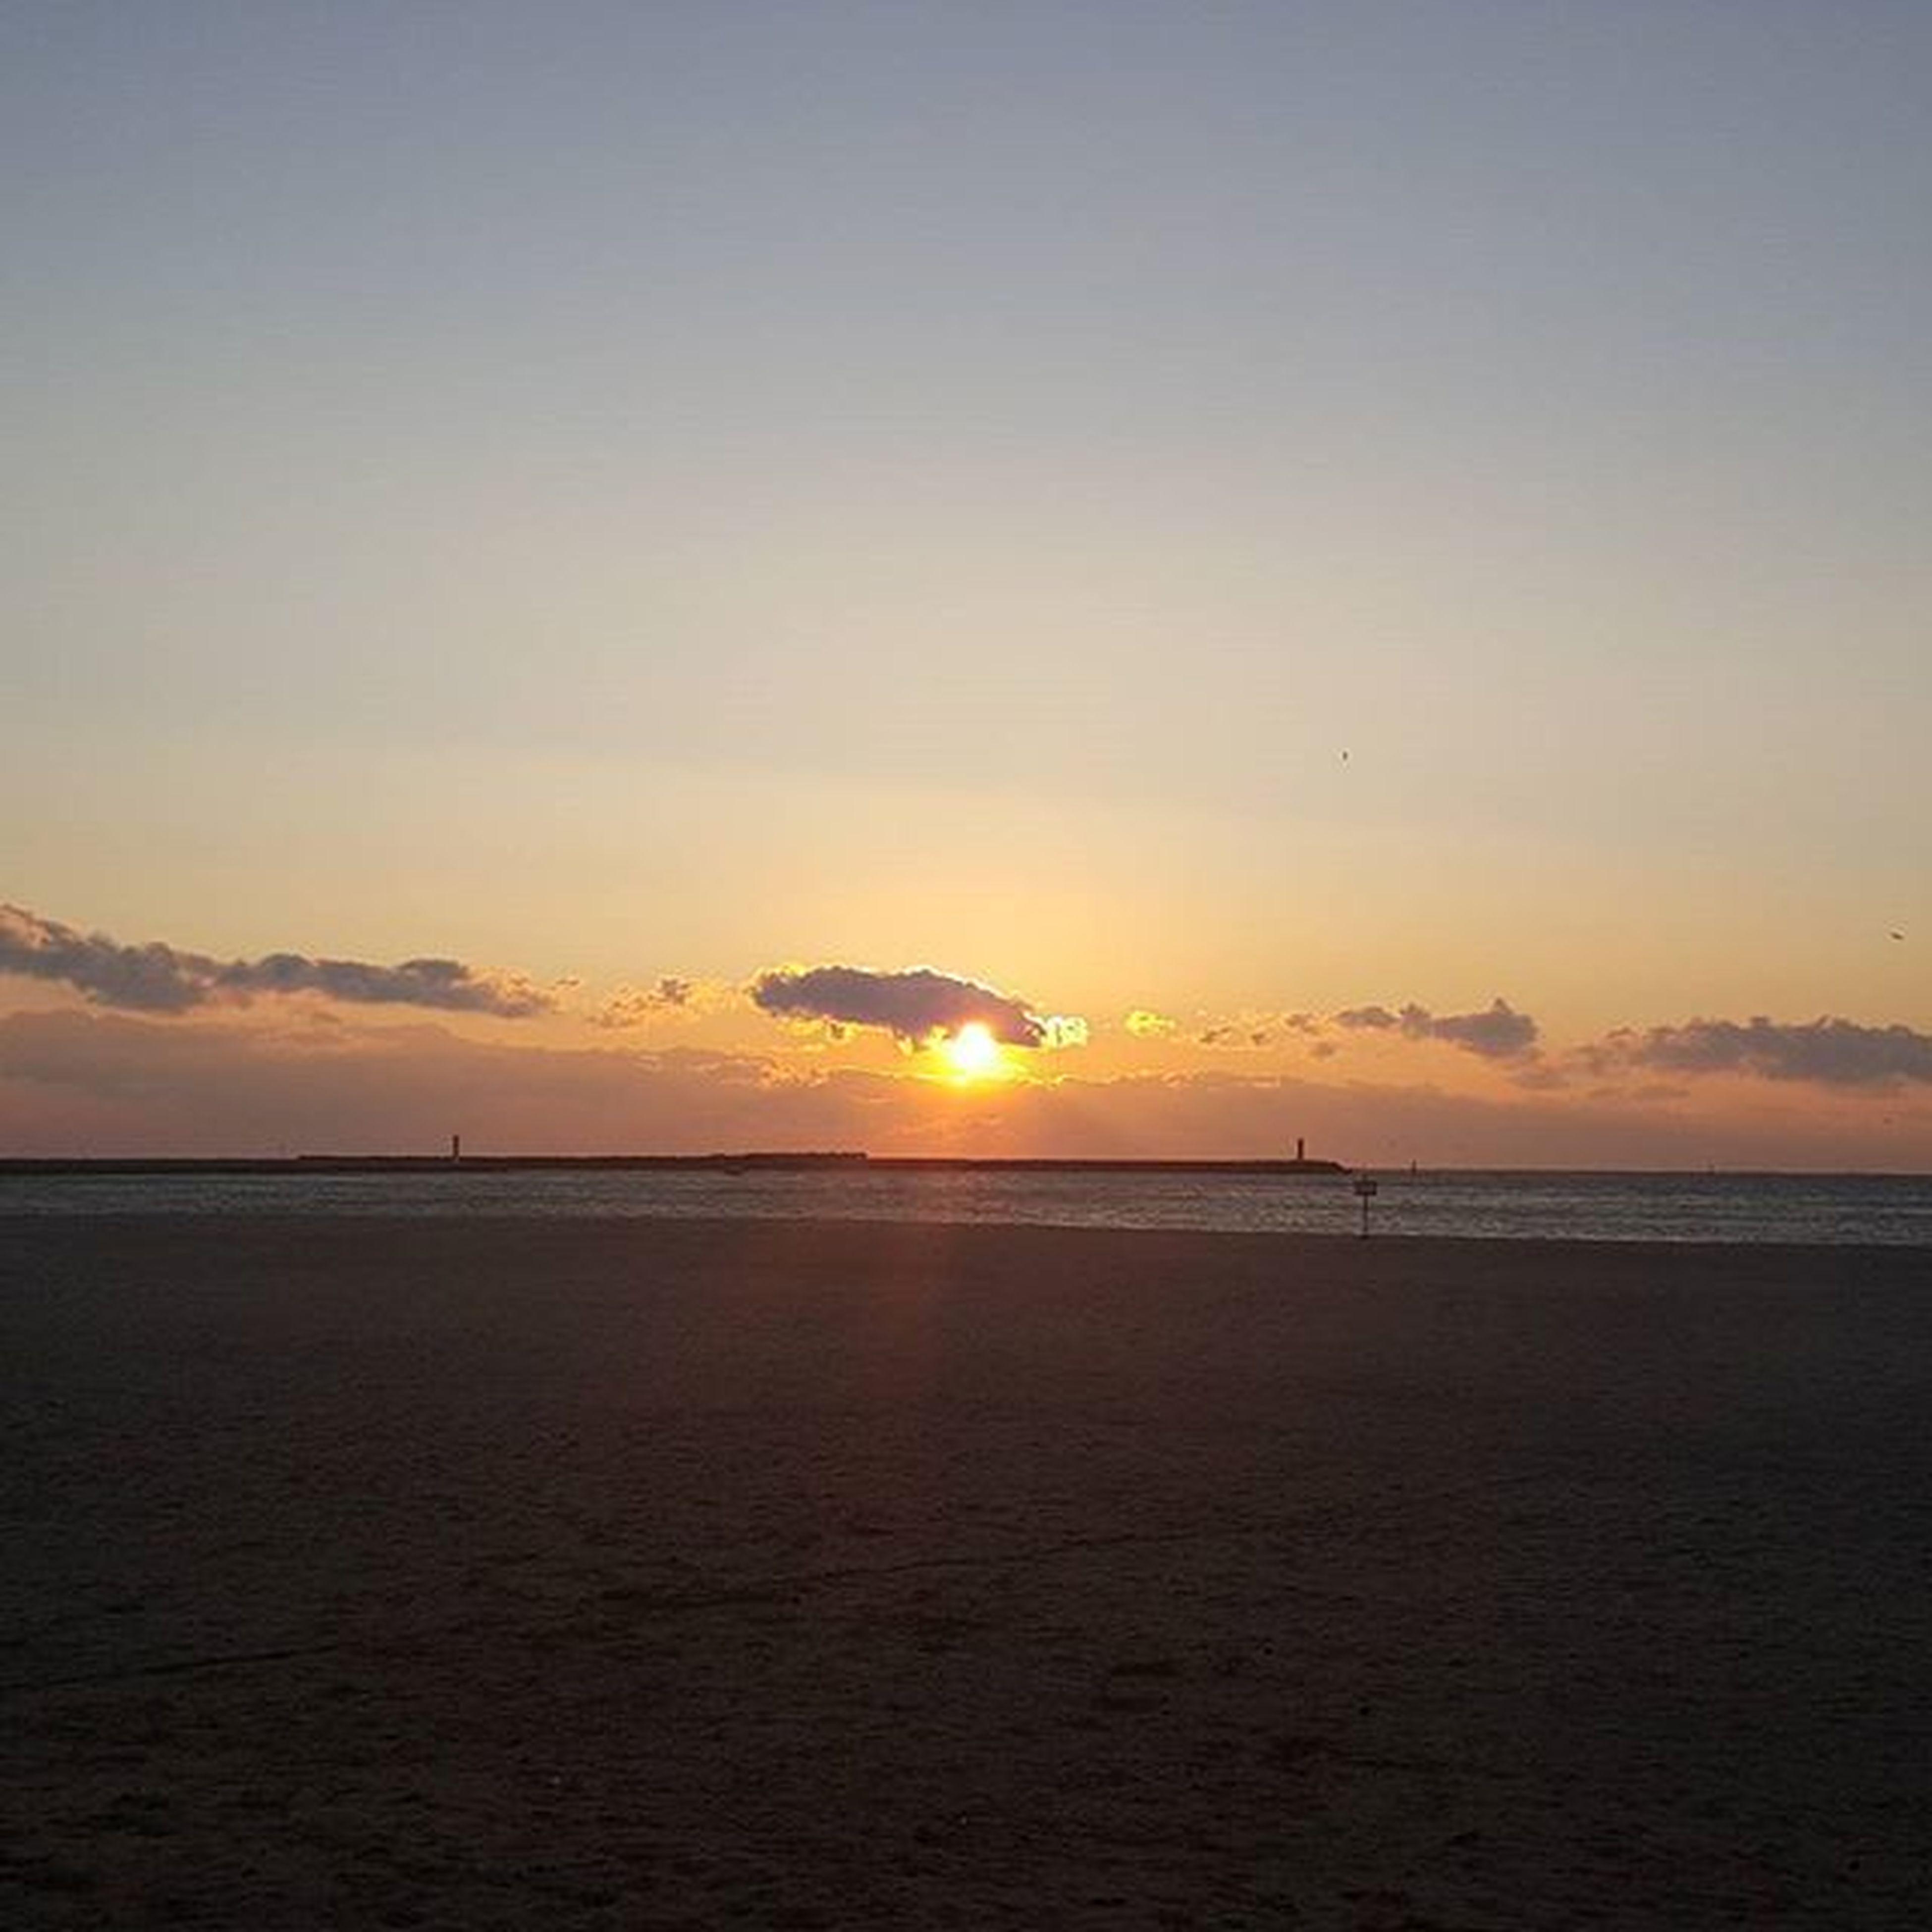 새해 복 많이.... 오늘부터 새사람 되란 뜻인가.... 춥다... Eastsea Sea 울진 후포리